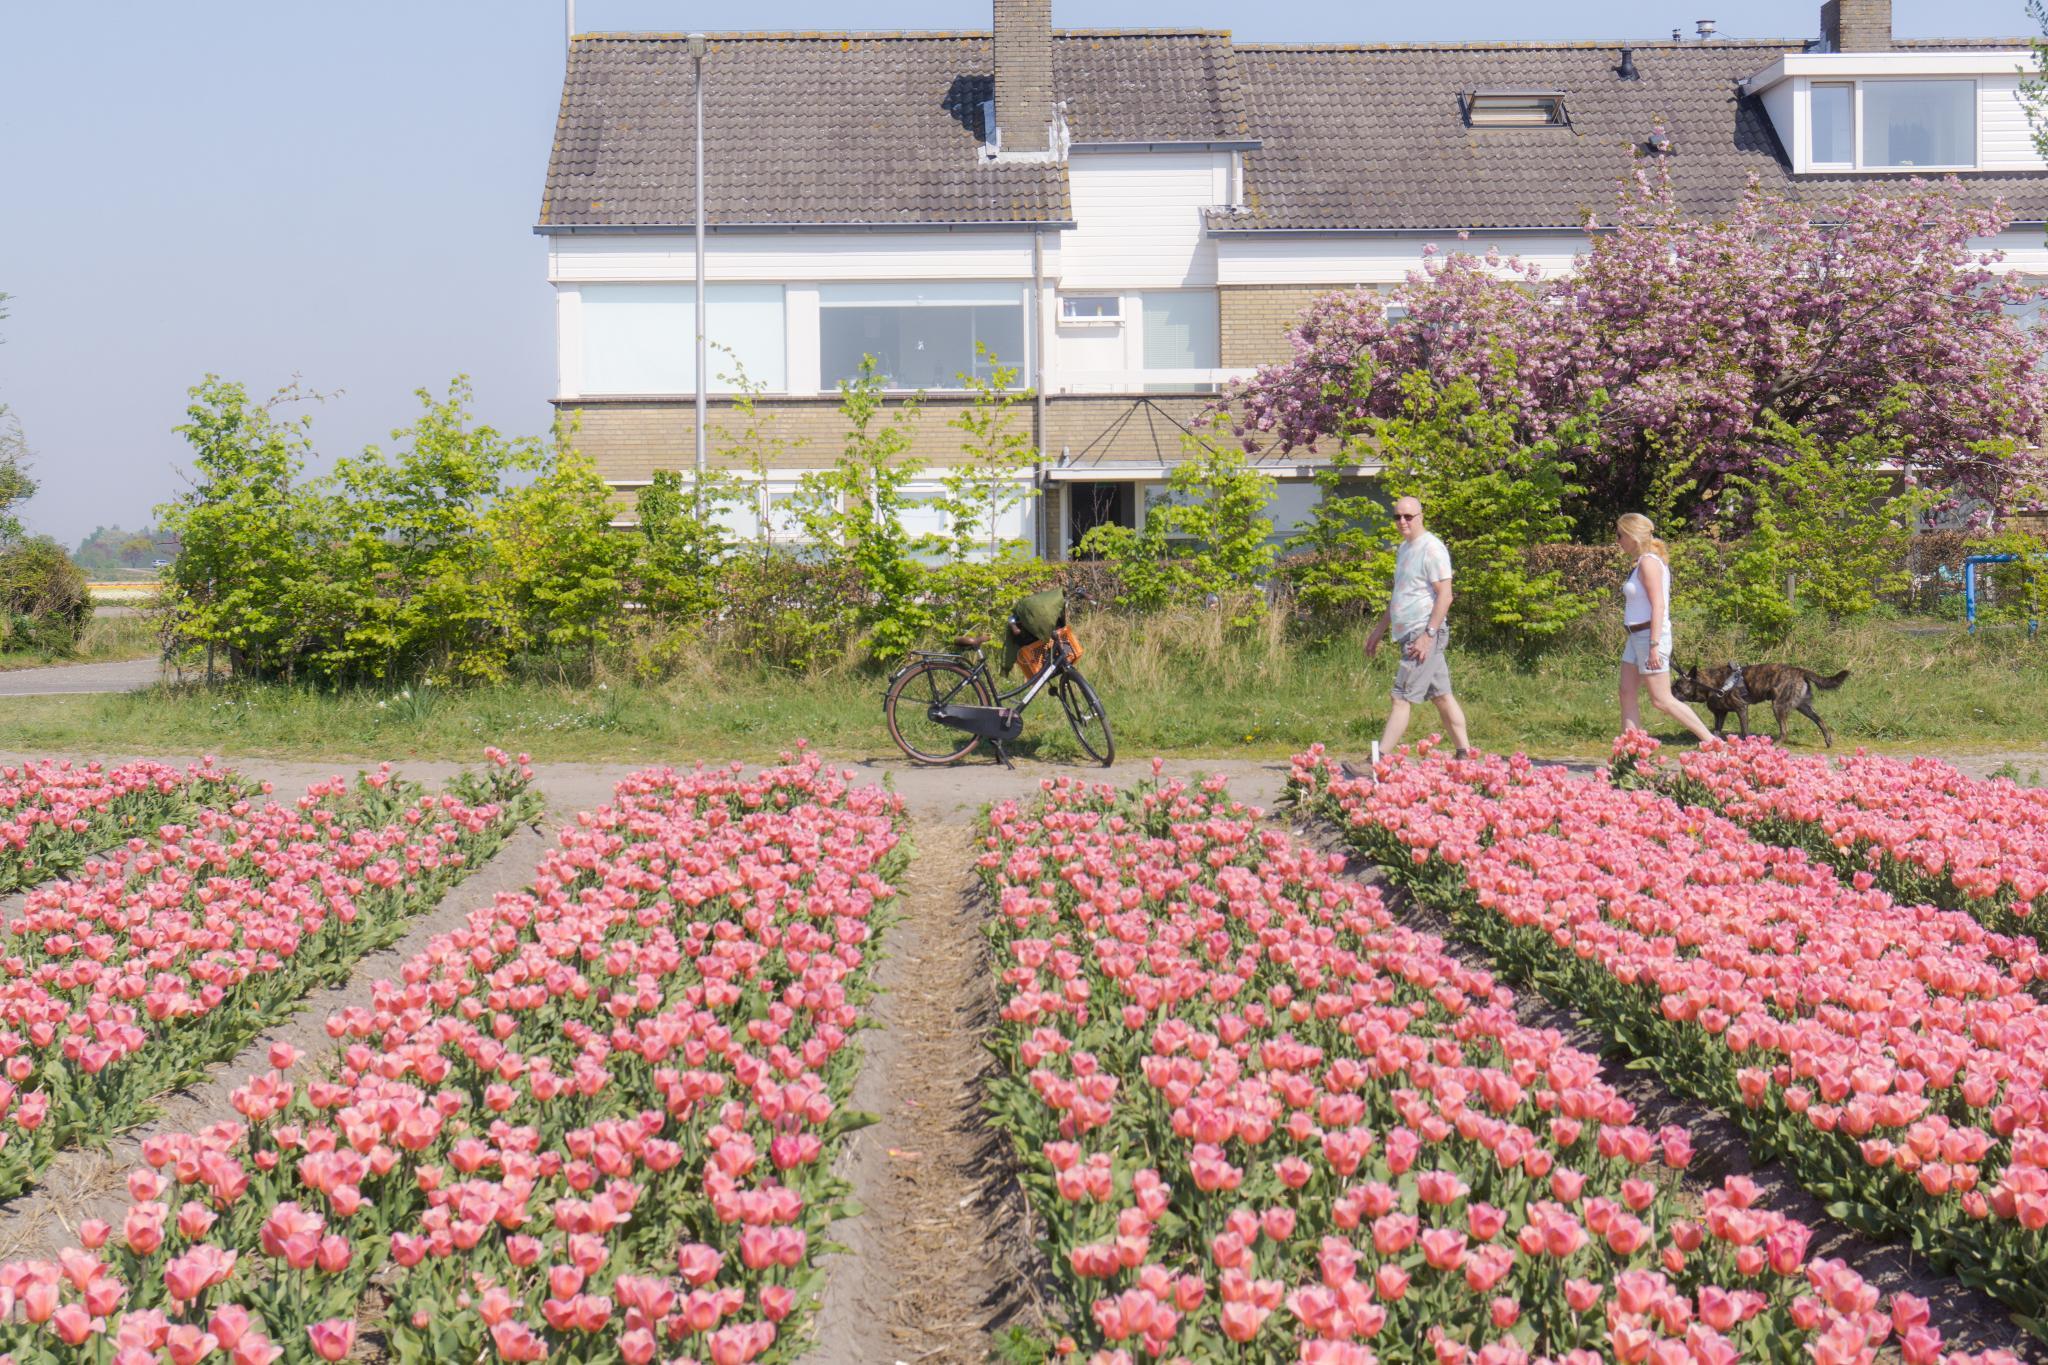 【荷蘭印象】花田嬉事:荷蘭單車花之路 33